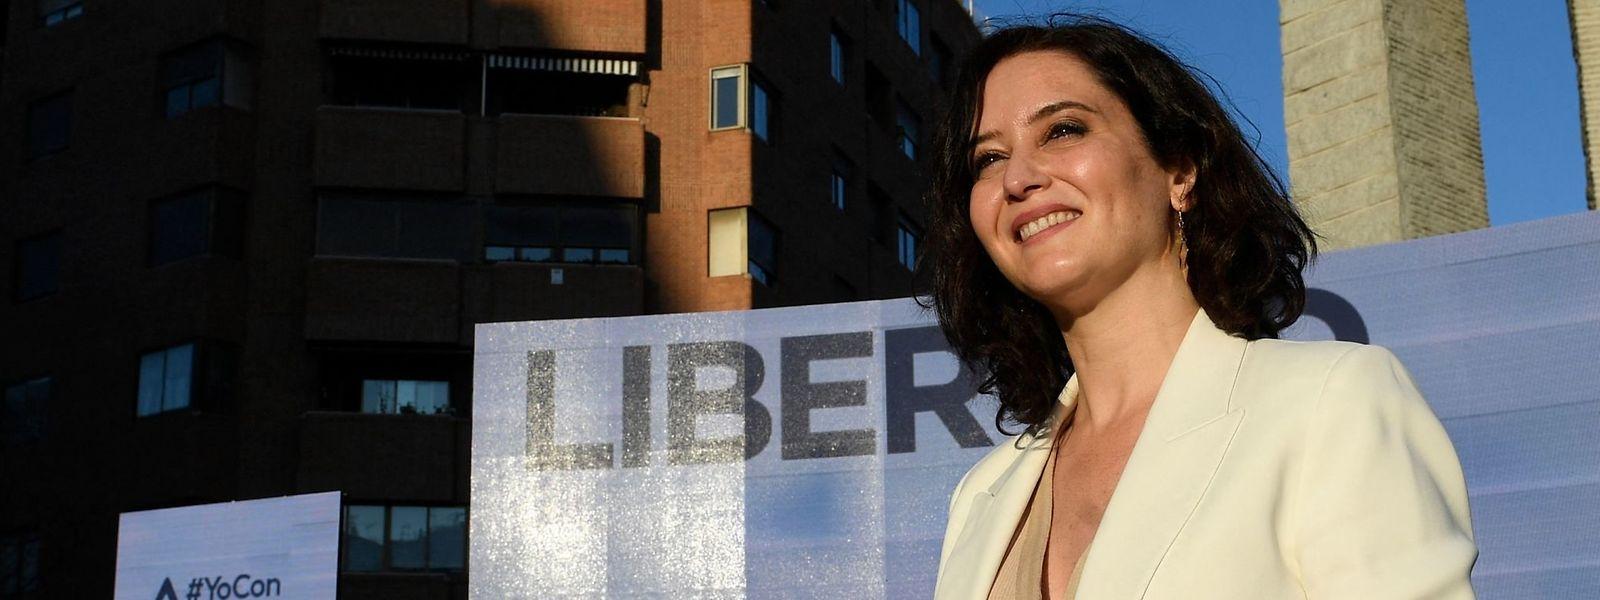 Die Madrider Regionalpräsidentin Isabel Díaz Ayuso lässt sich von Drohungen nicht abschrecken.